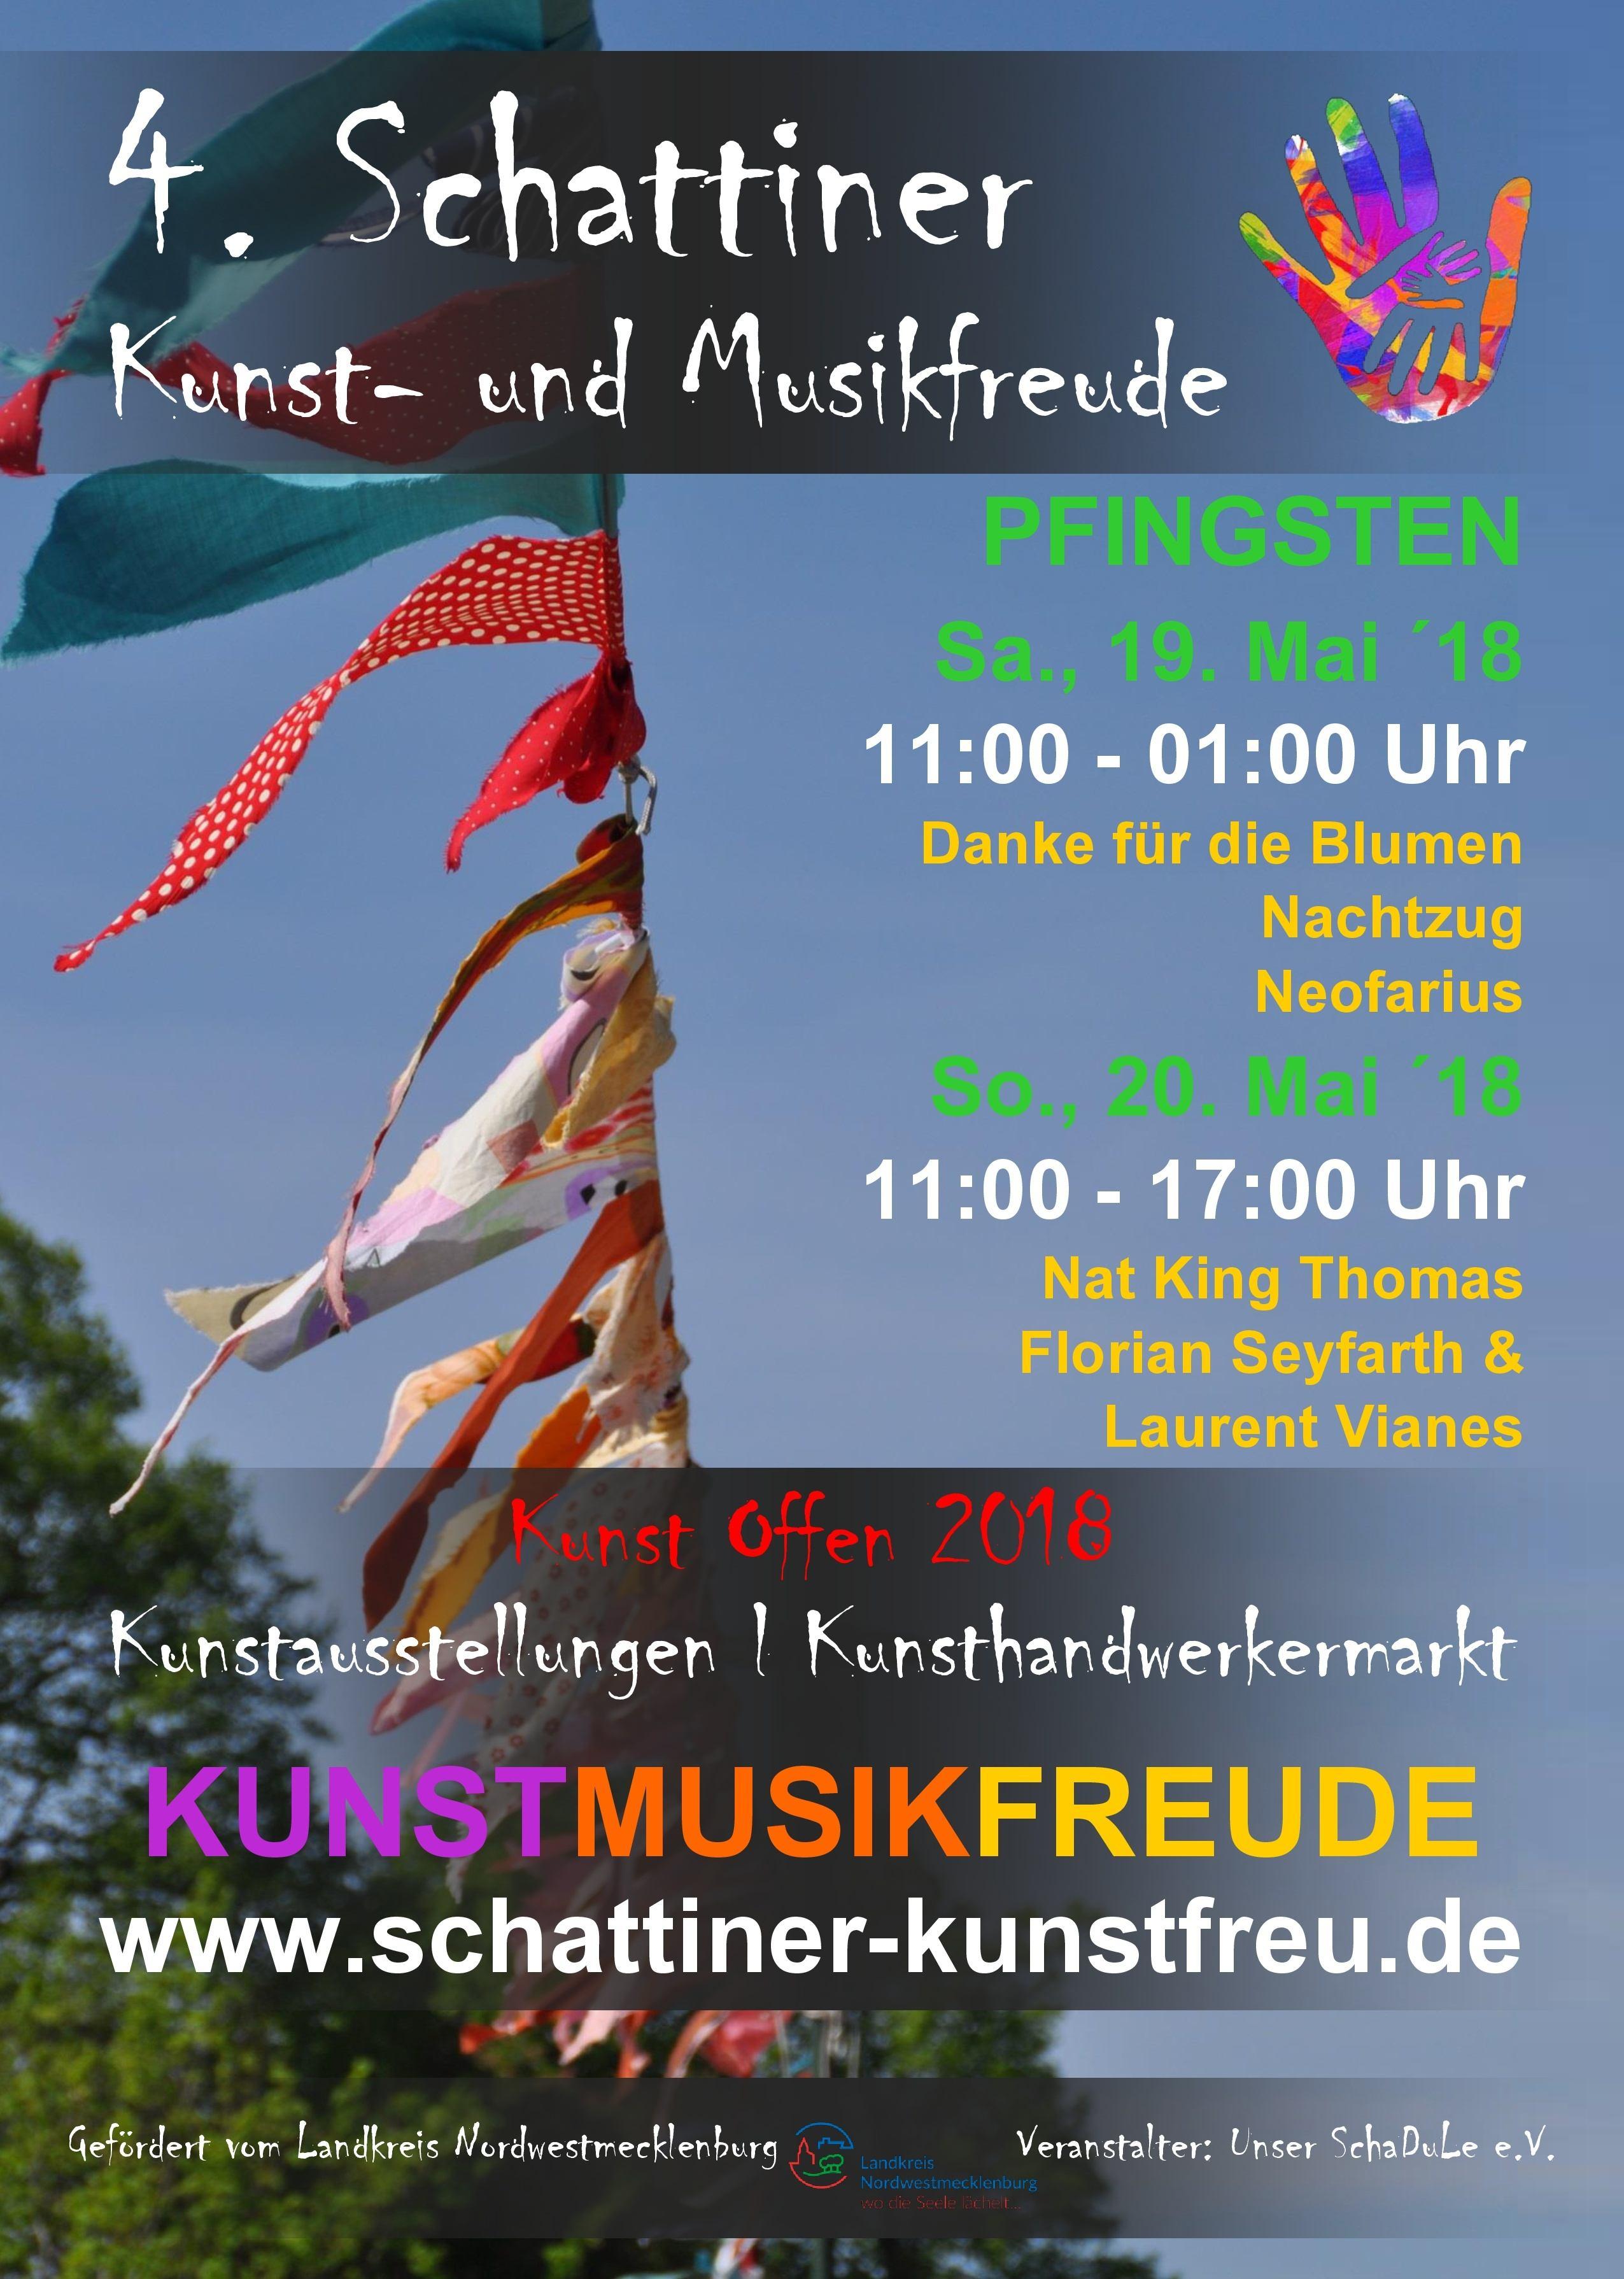 Schattiner Kunst- und Musikfreude